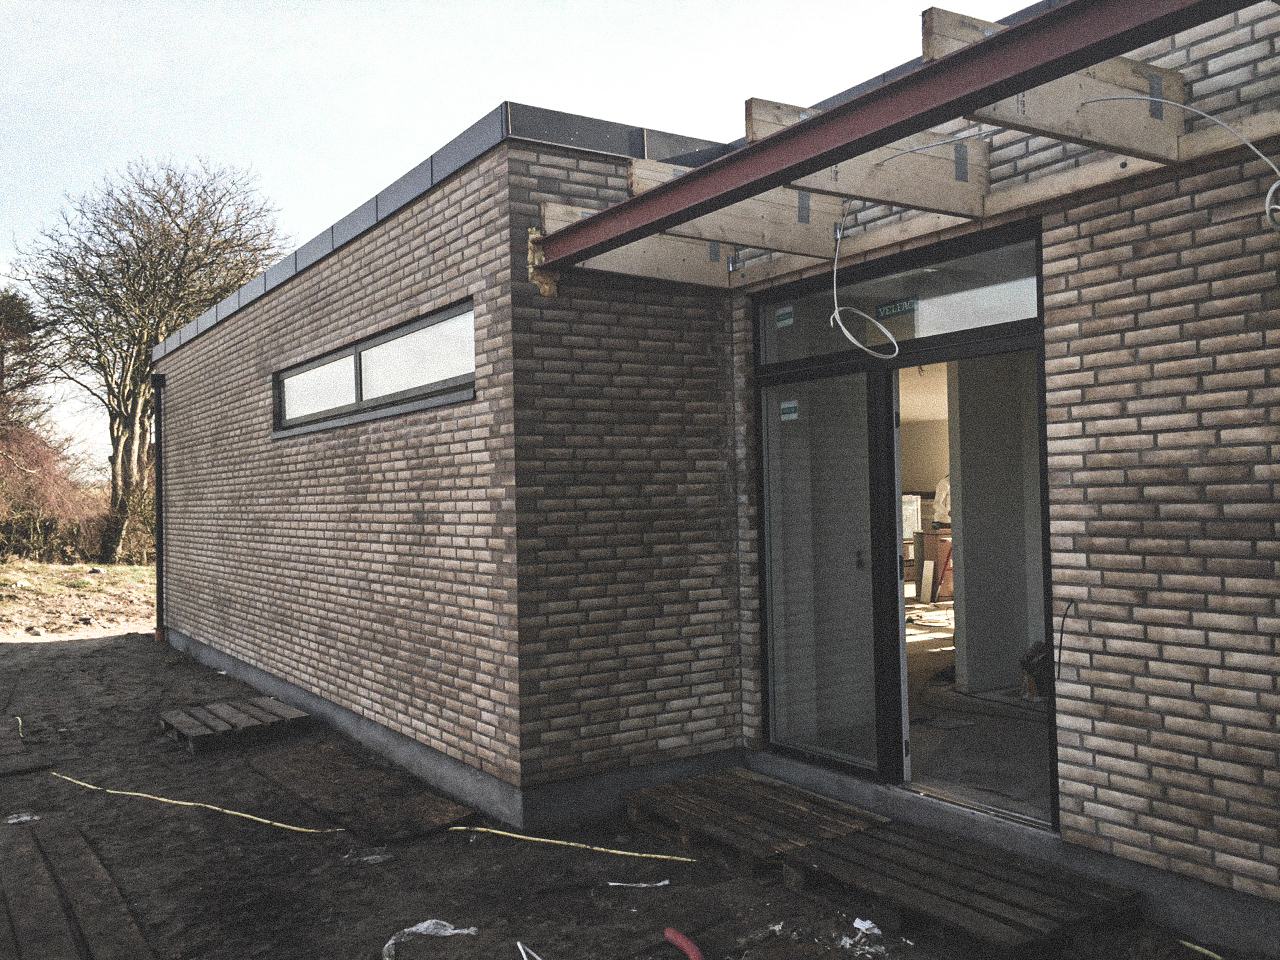 Billede af et igangværende byggeri i Thisted , tegnet af arkitektfirmaet m2plus.